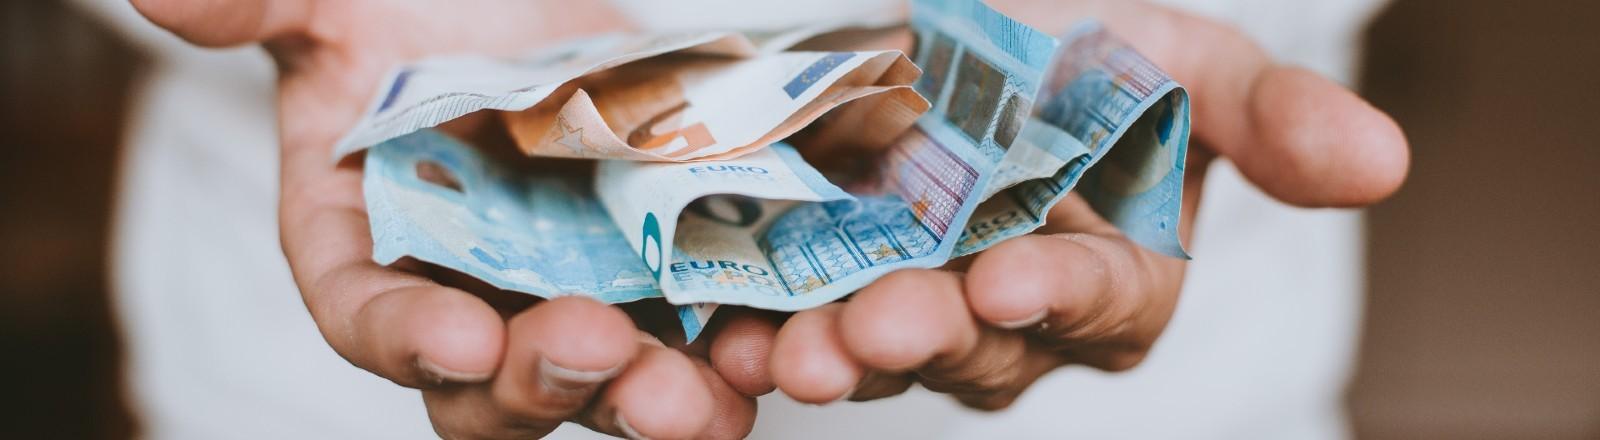 Mann hält Euroscheine in seiner Hand.